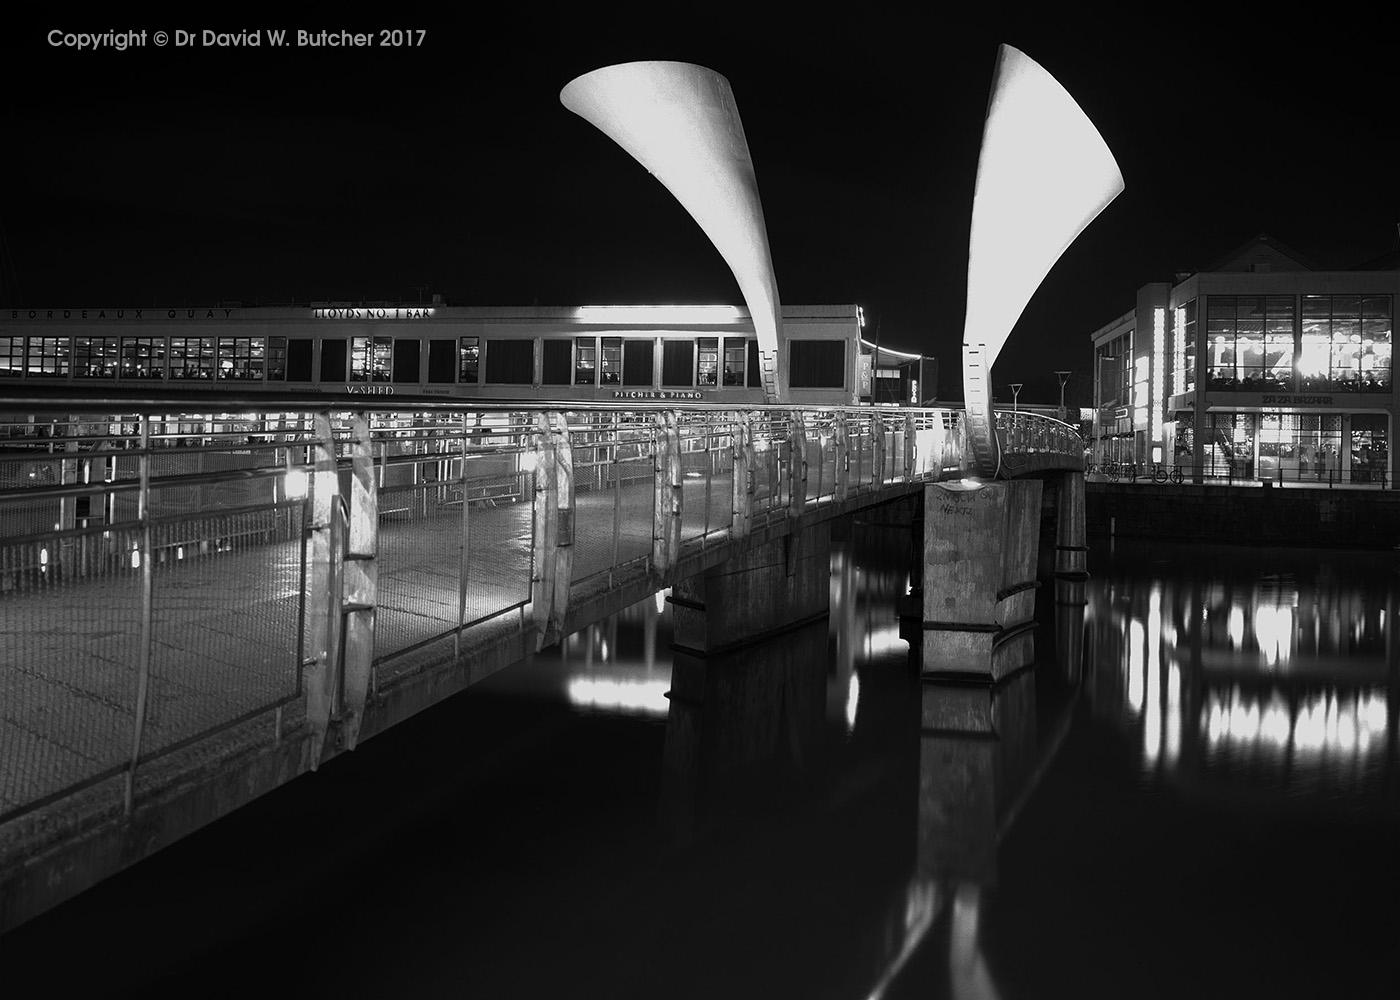 Bristol Harbour Pero's Bridge at Night, England